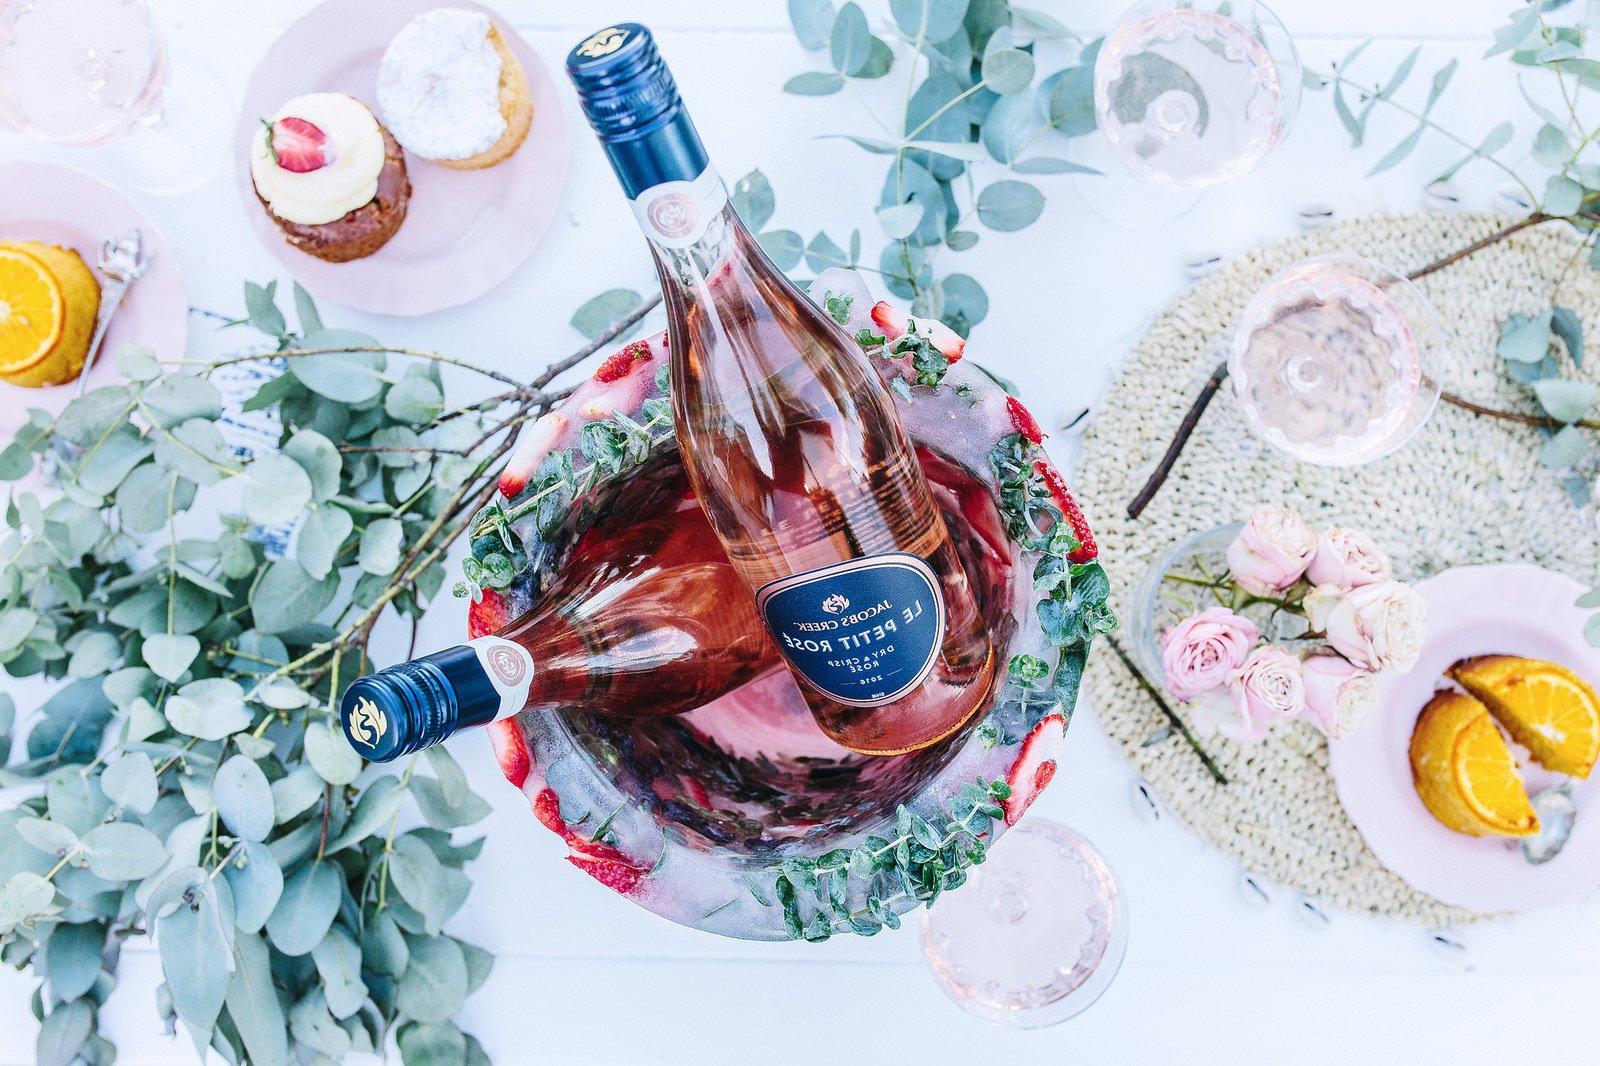 DIY Eiskübel für eine Flasche Wein mit Beeren: Ein gefrorenes Dekoration für festlichen Anlass